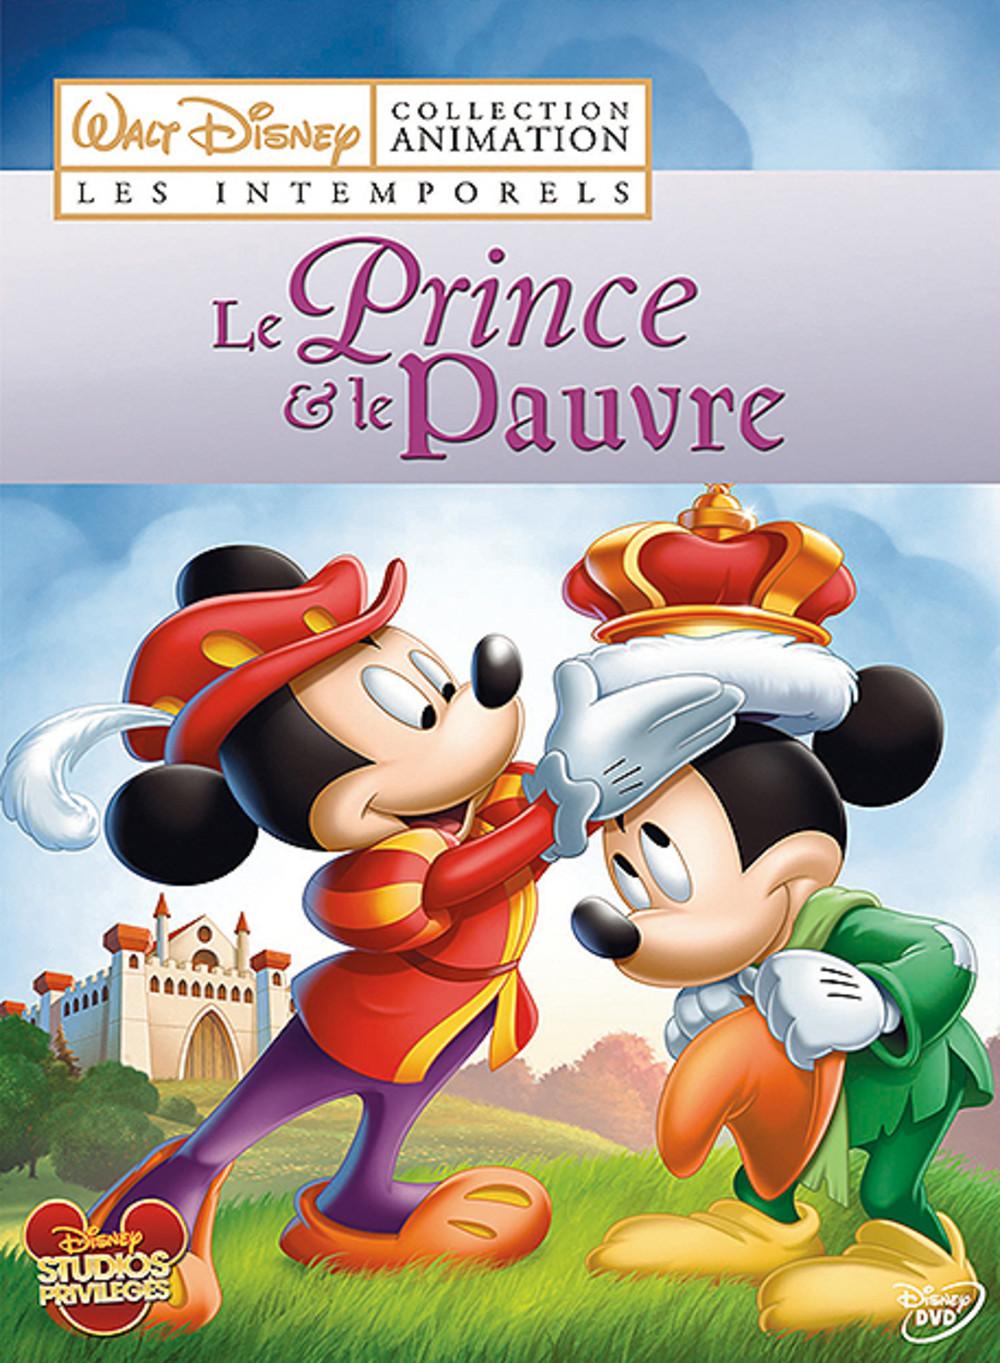 affiche du film Le prince et le pauvre (1990)